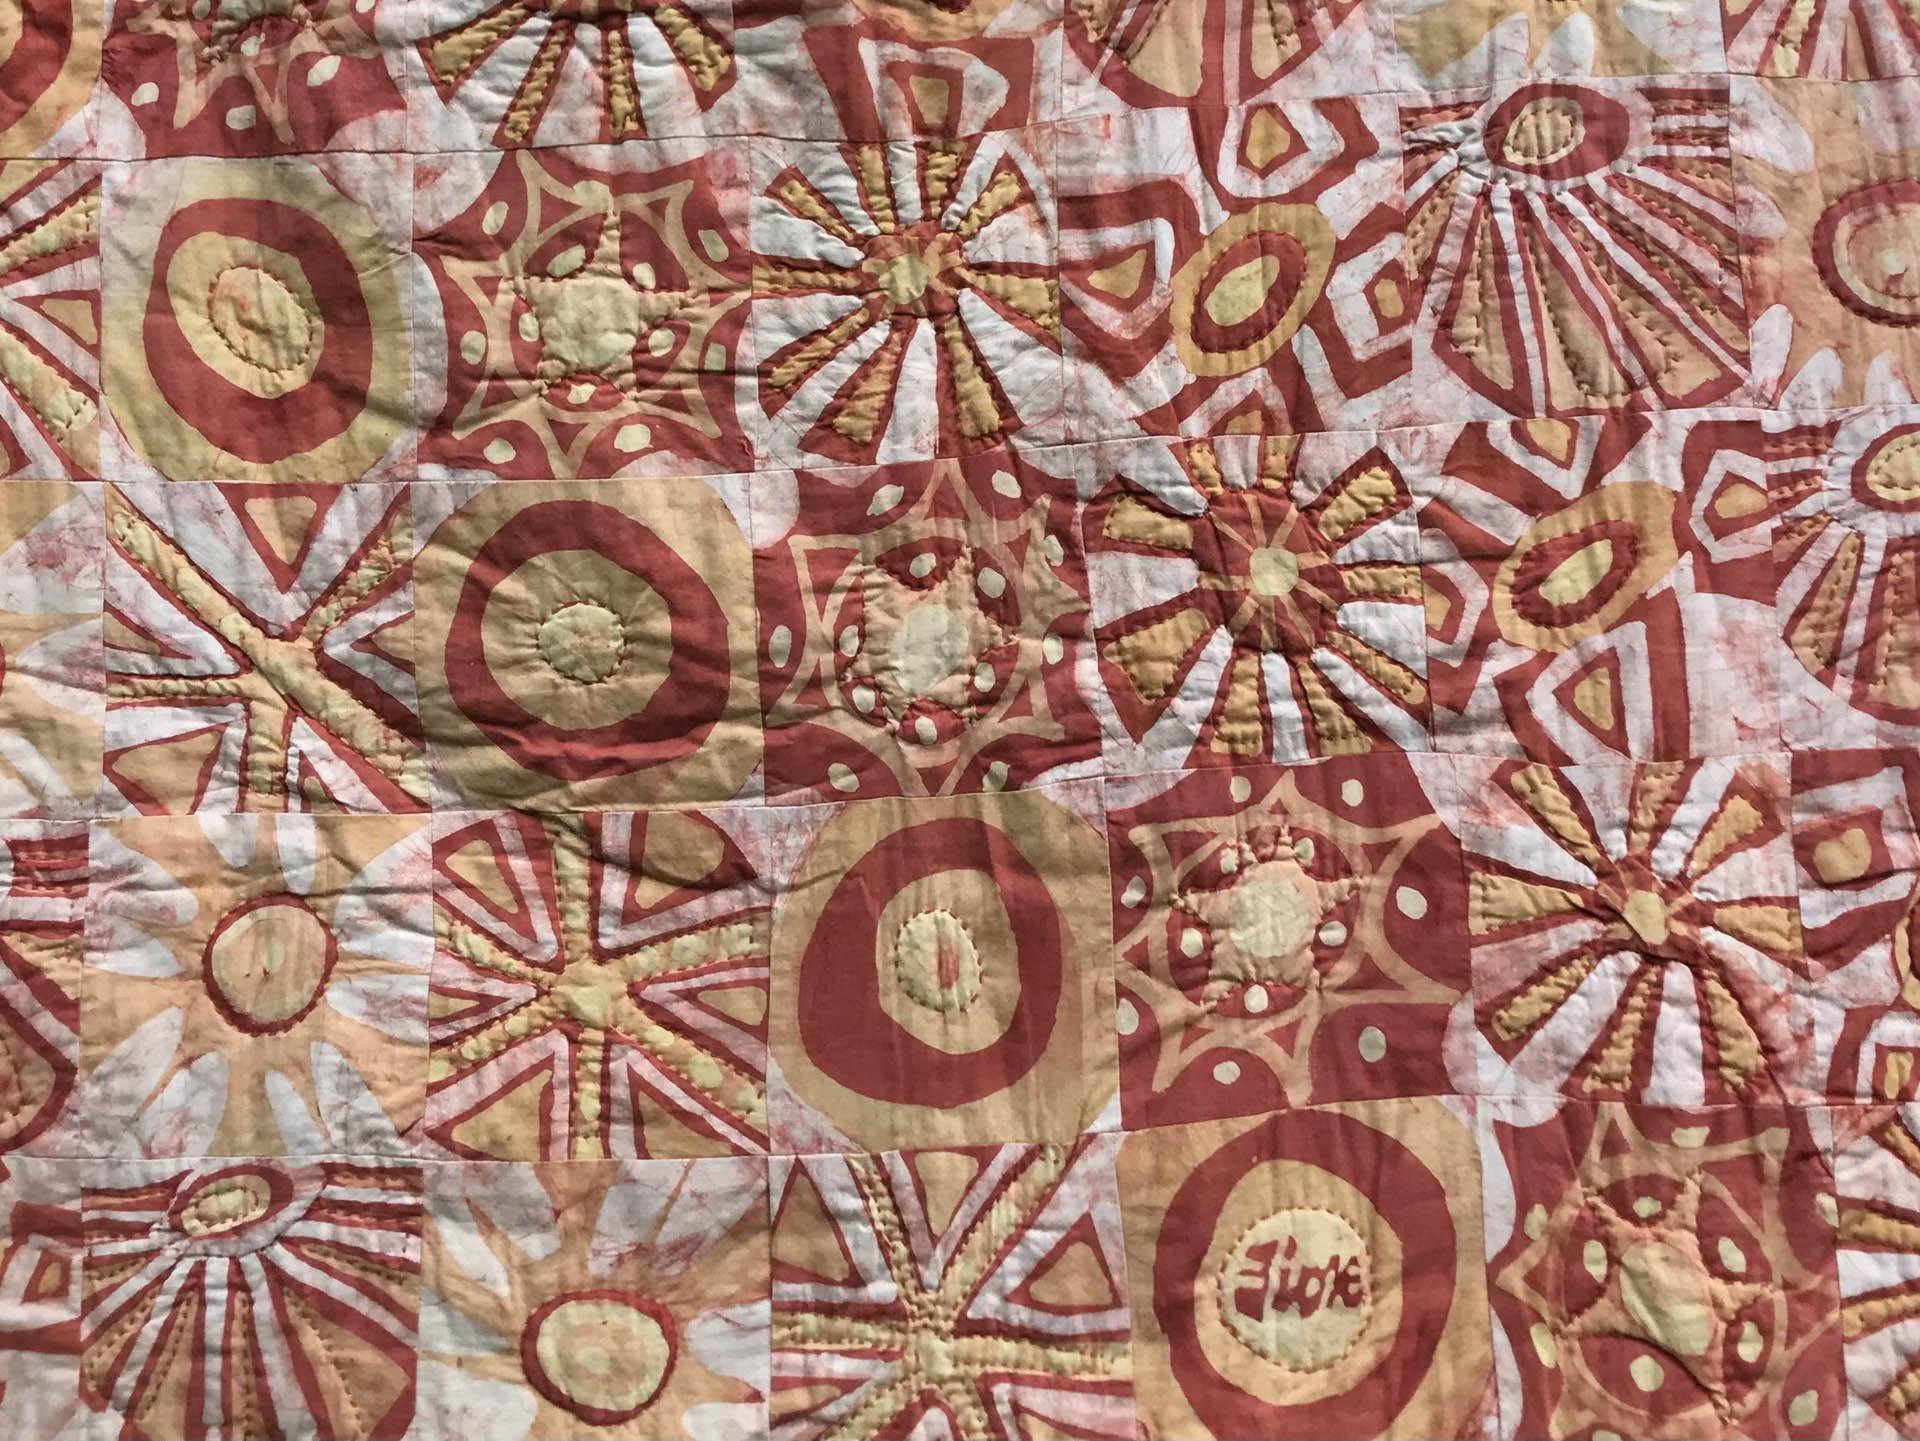 lenore-fiore-mills-sun-quilt